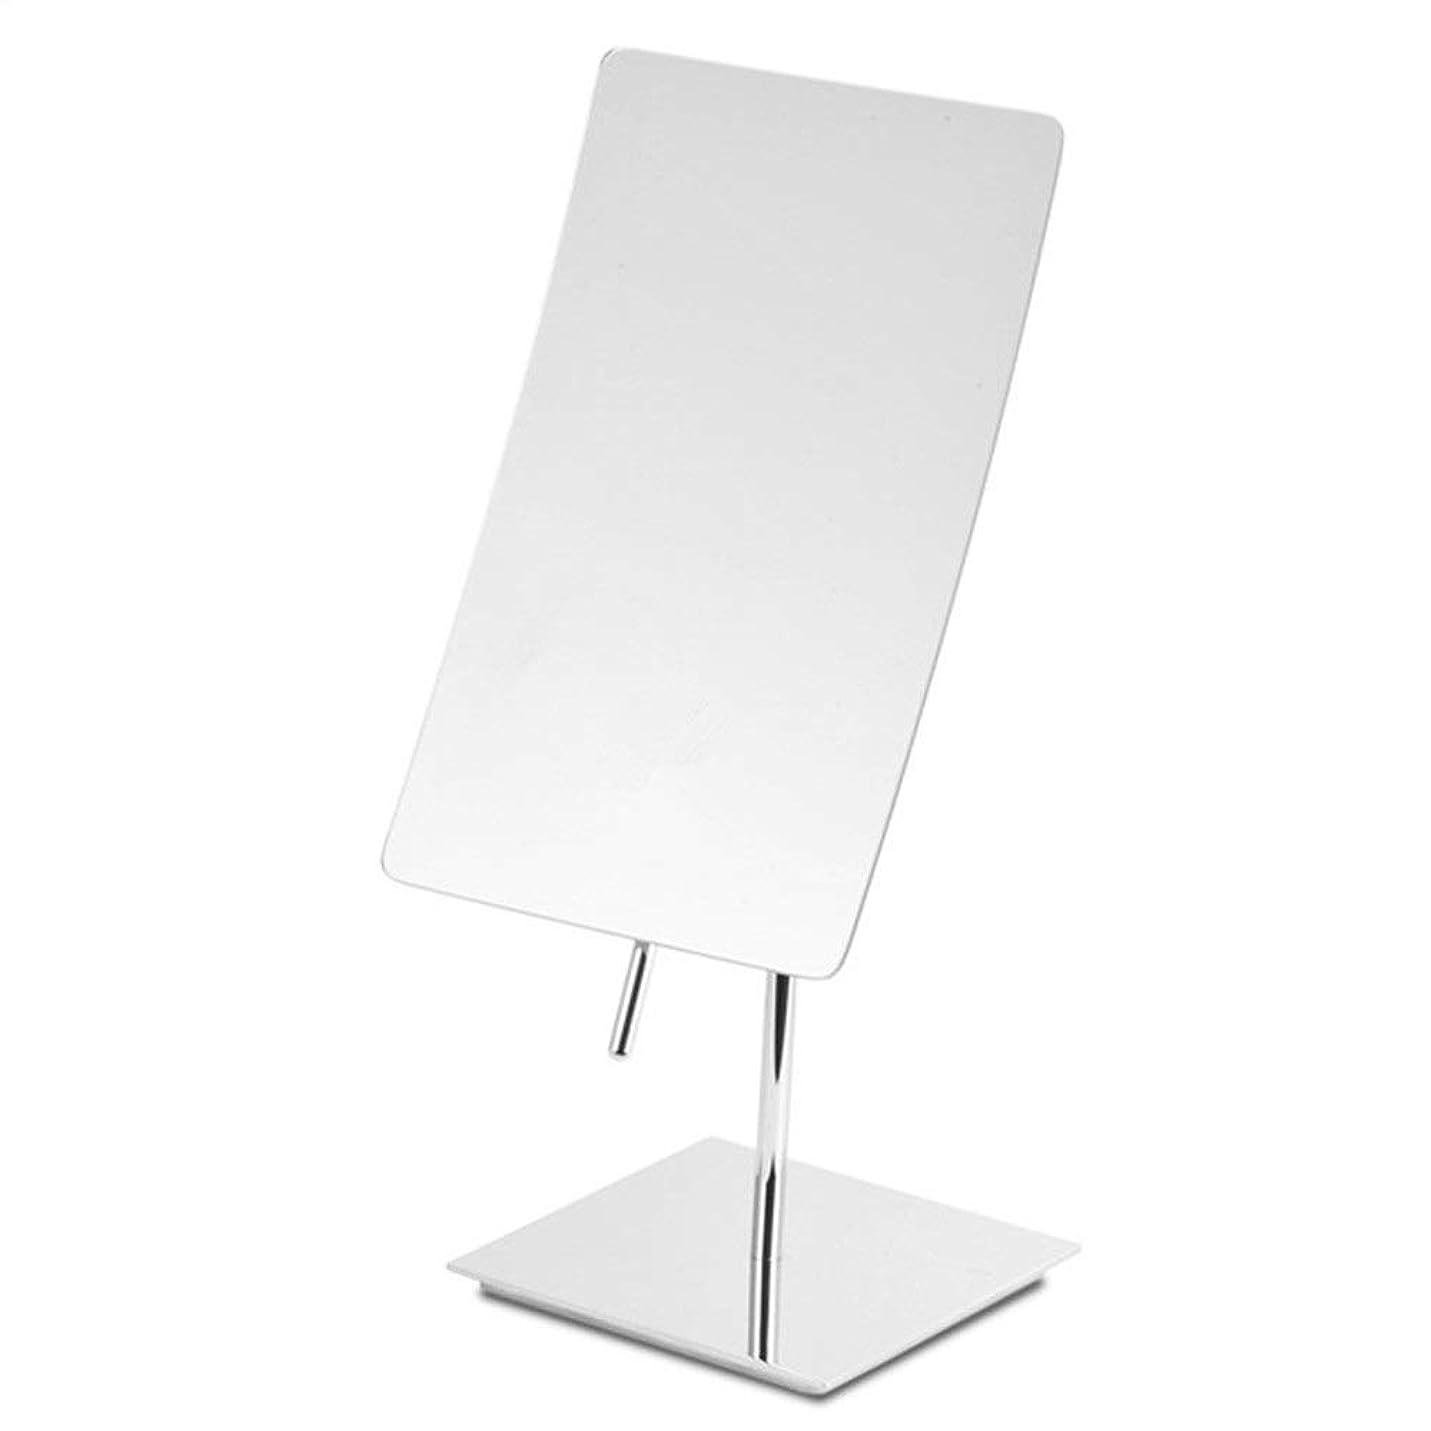 彼女自身報告書ポスト印象派化粧鏡 360°回転ダブルギフトメイクアップミラー3倍拡大鏡(シルバー)用スタンドに最適でバニティミラー化粧鏡を両面 収納しやすい (色 : 銀, サイズ : 5.5in)